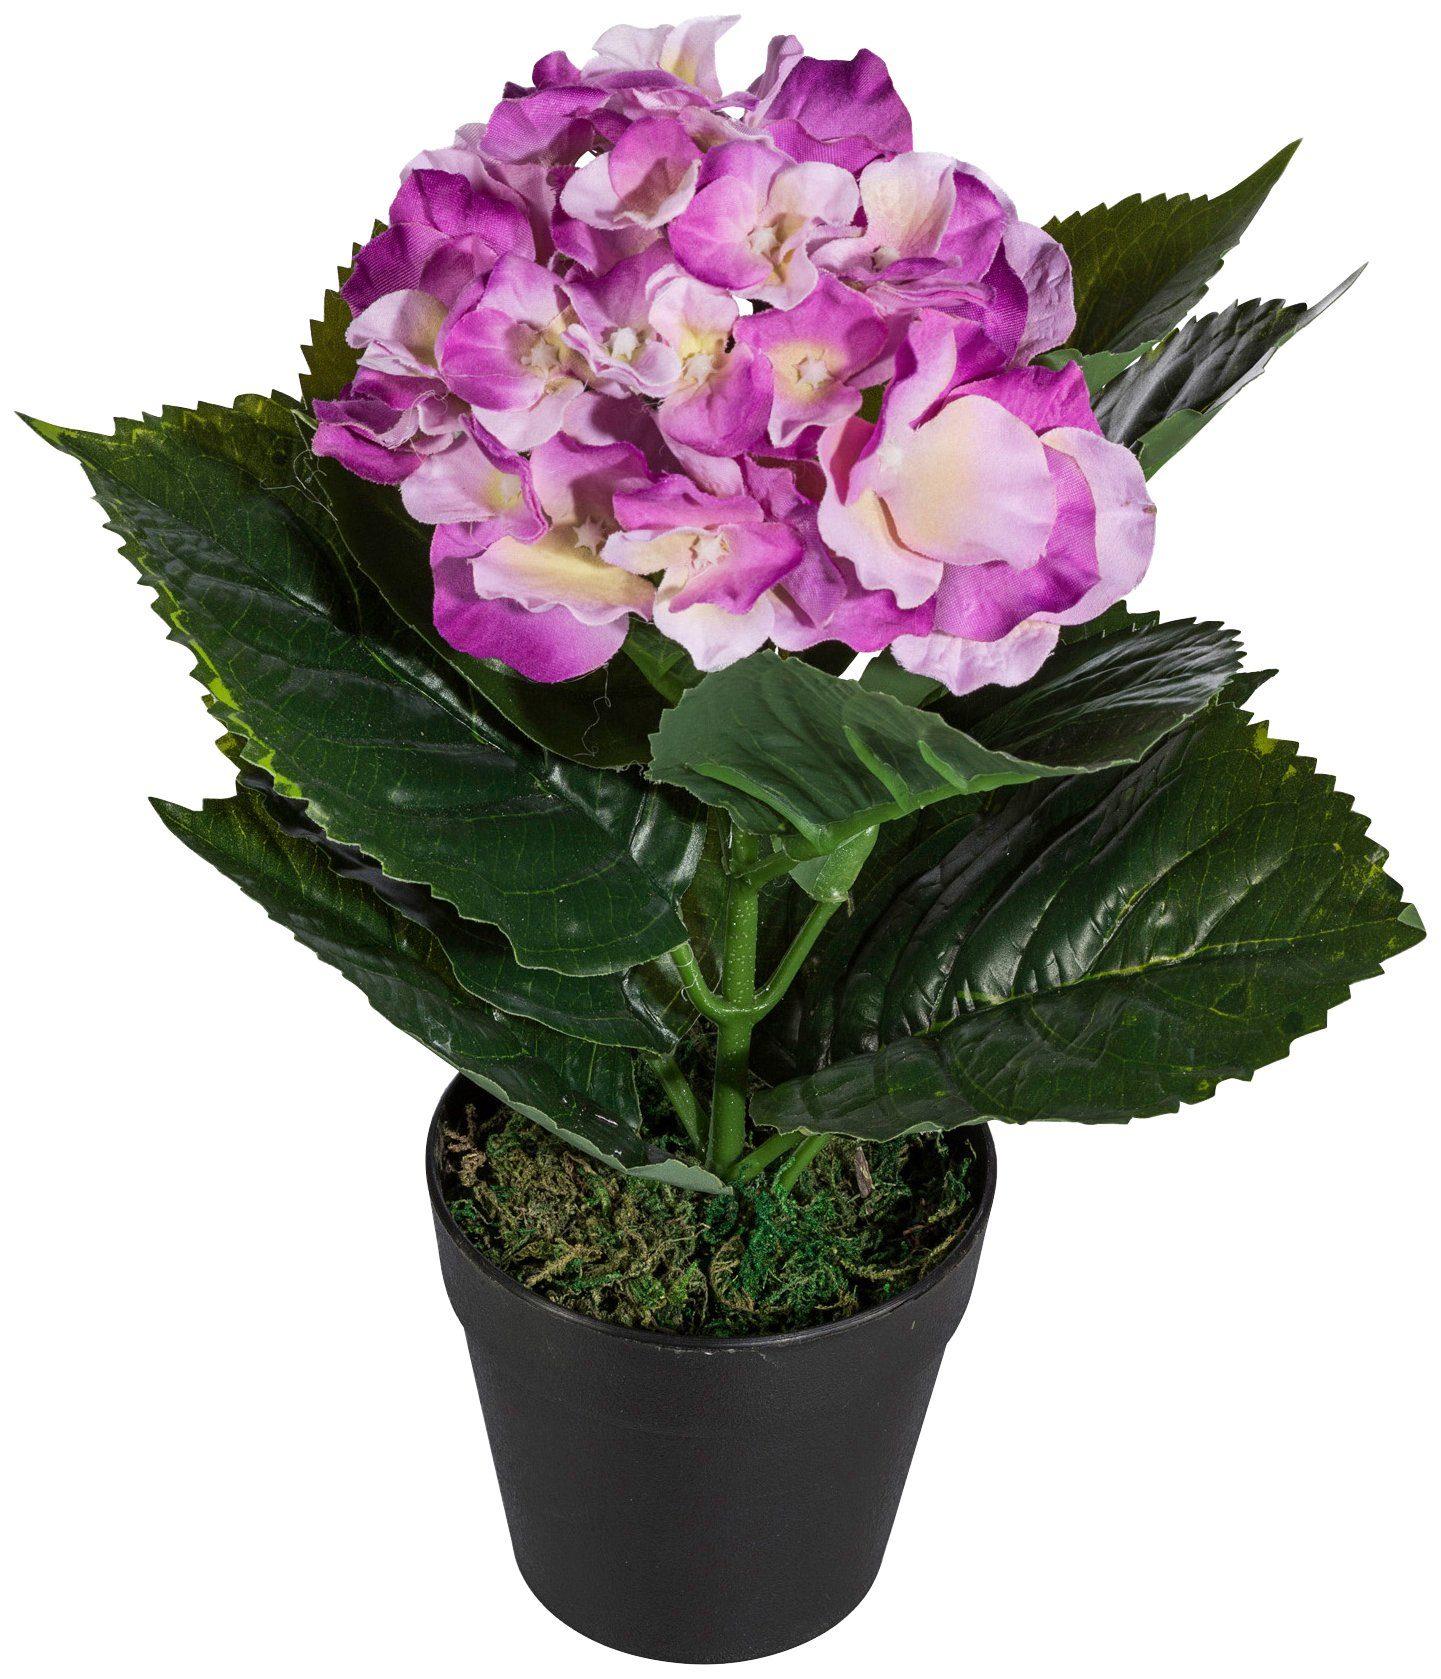 Kunstpflanze »Hortensie«, im Kunststofftopf, H: 30 cm, pink